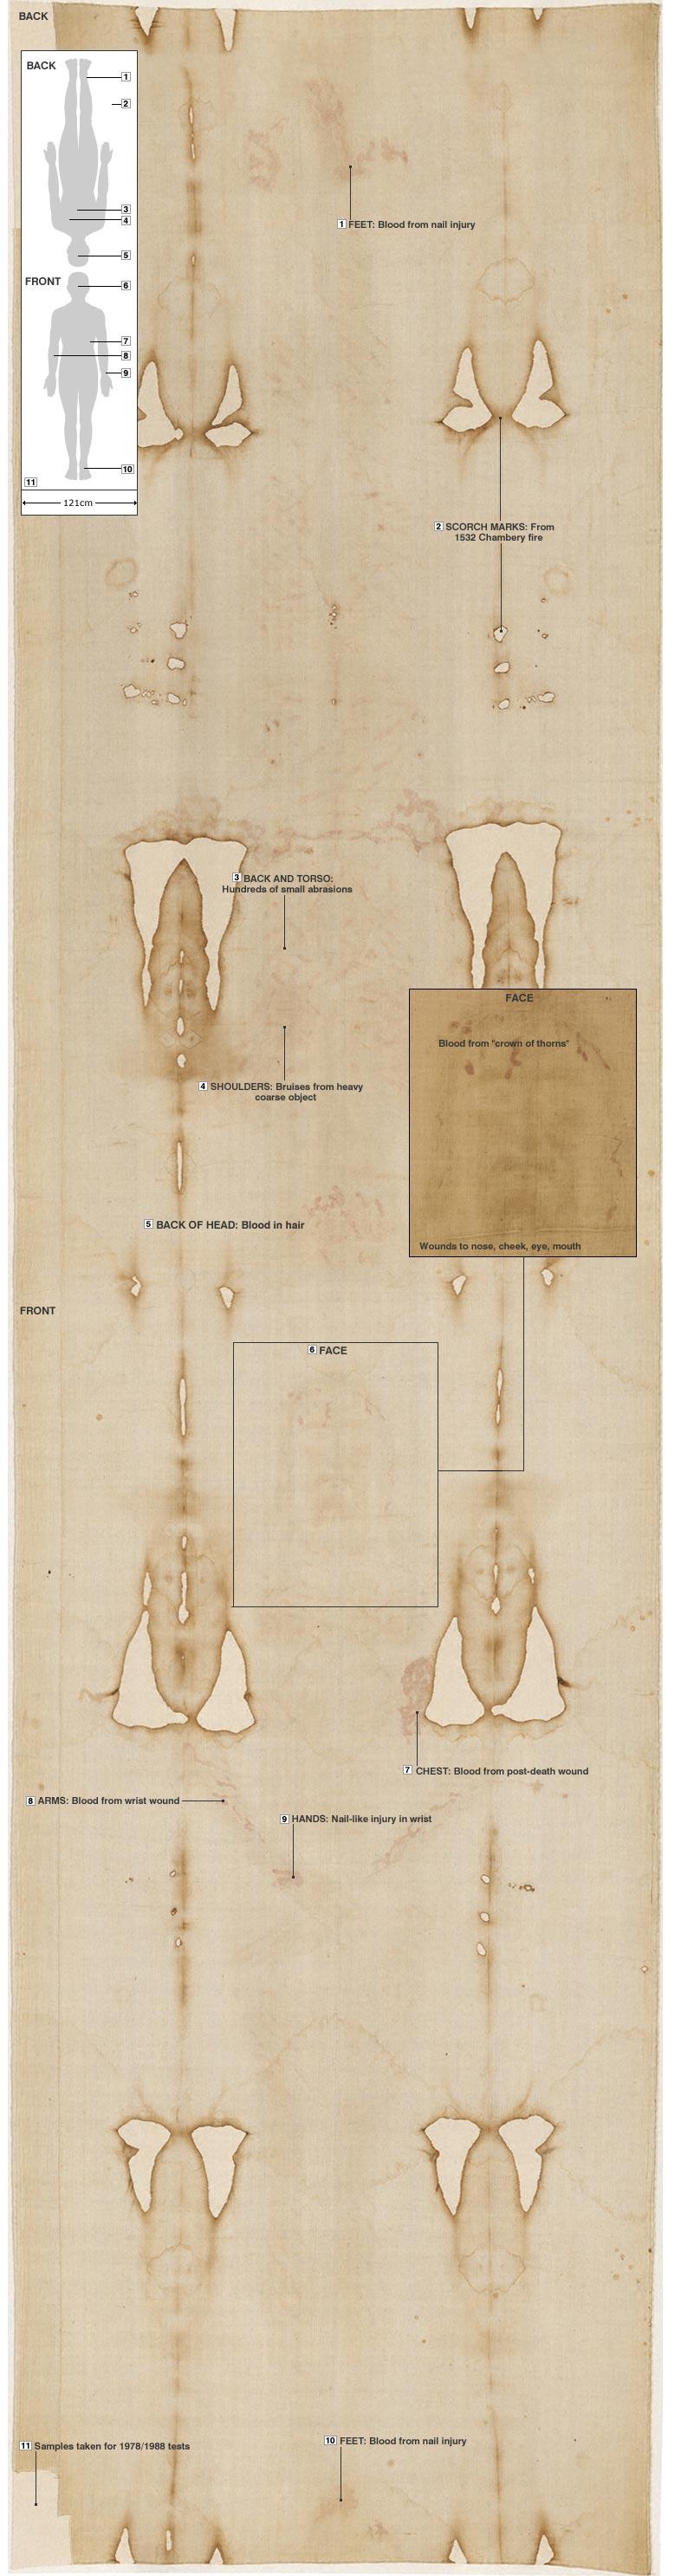 Anotated image of Turn Shroud